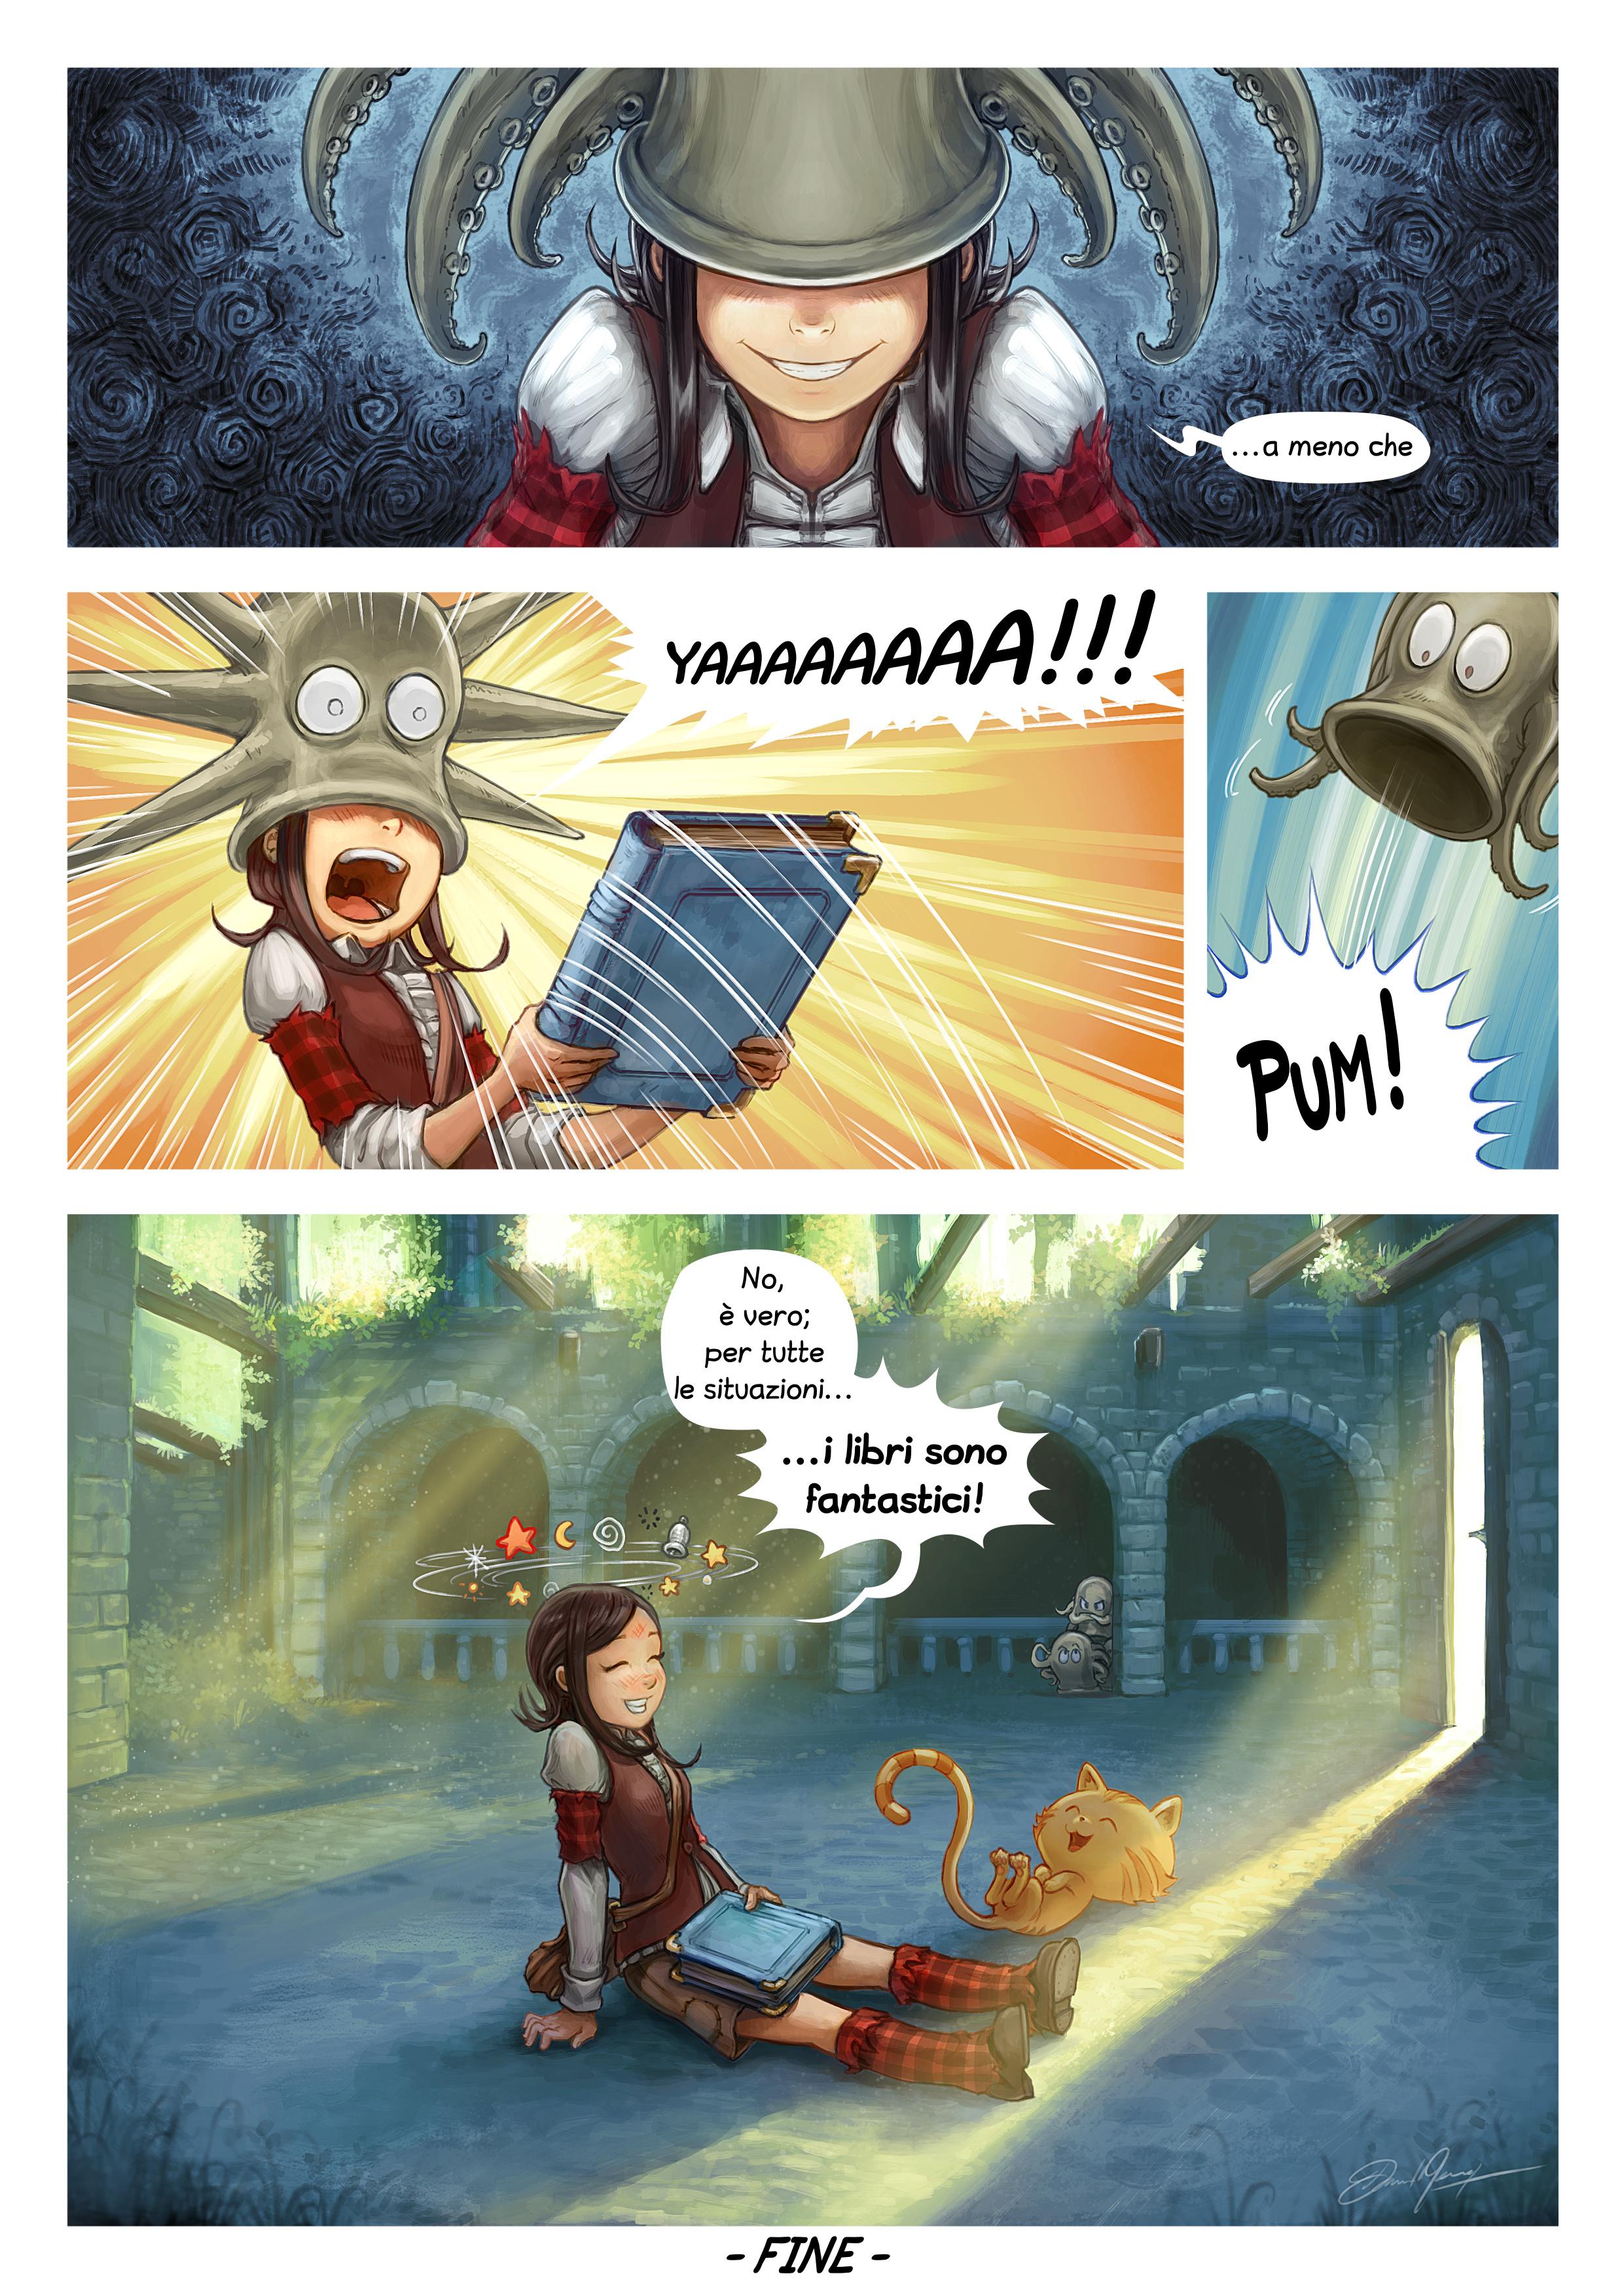 Episodio 26: I libri sono fantastici, Page 6